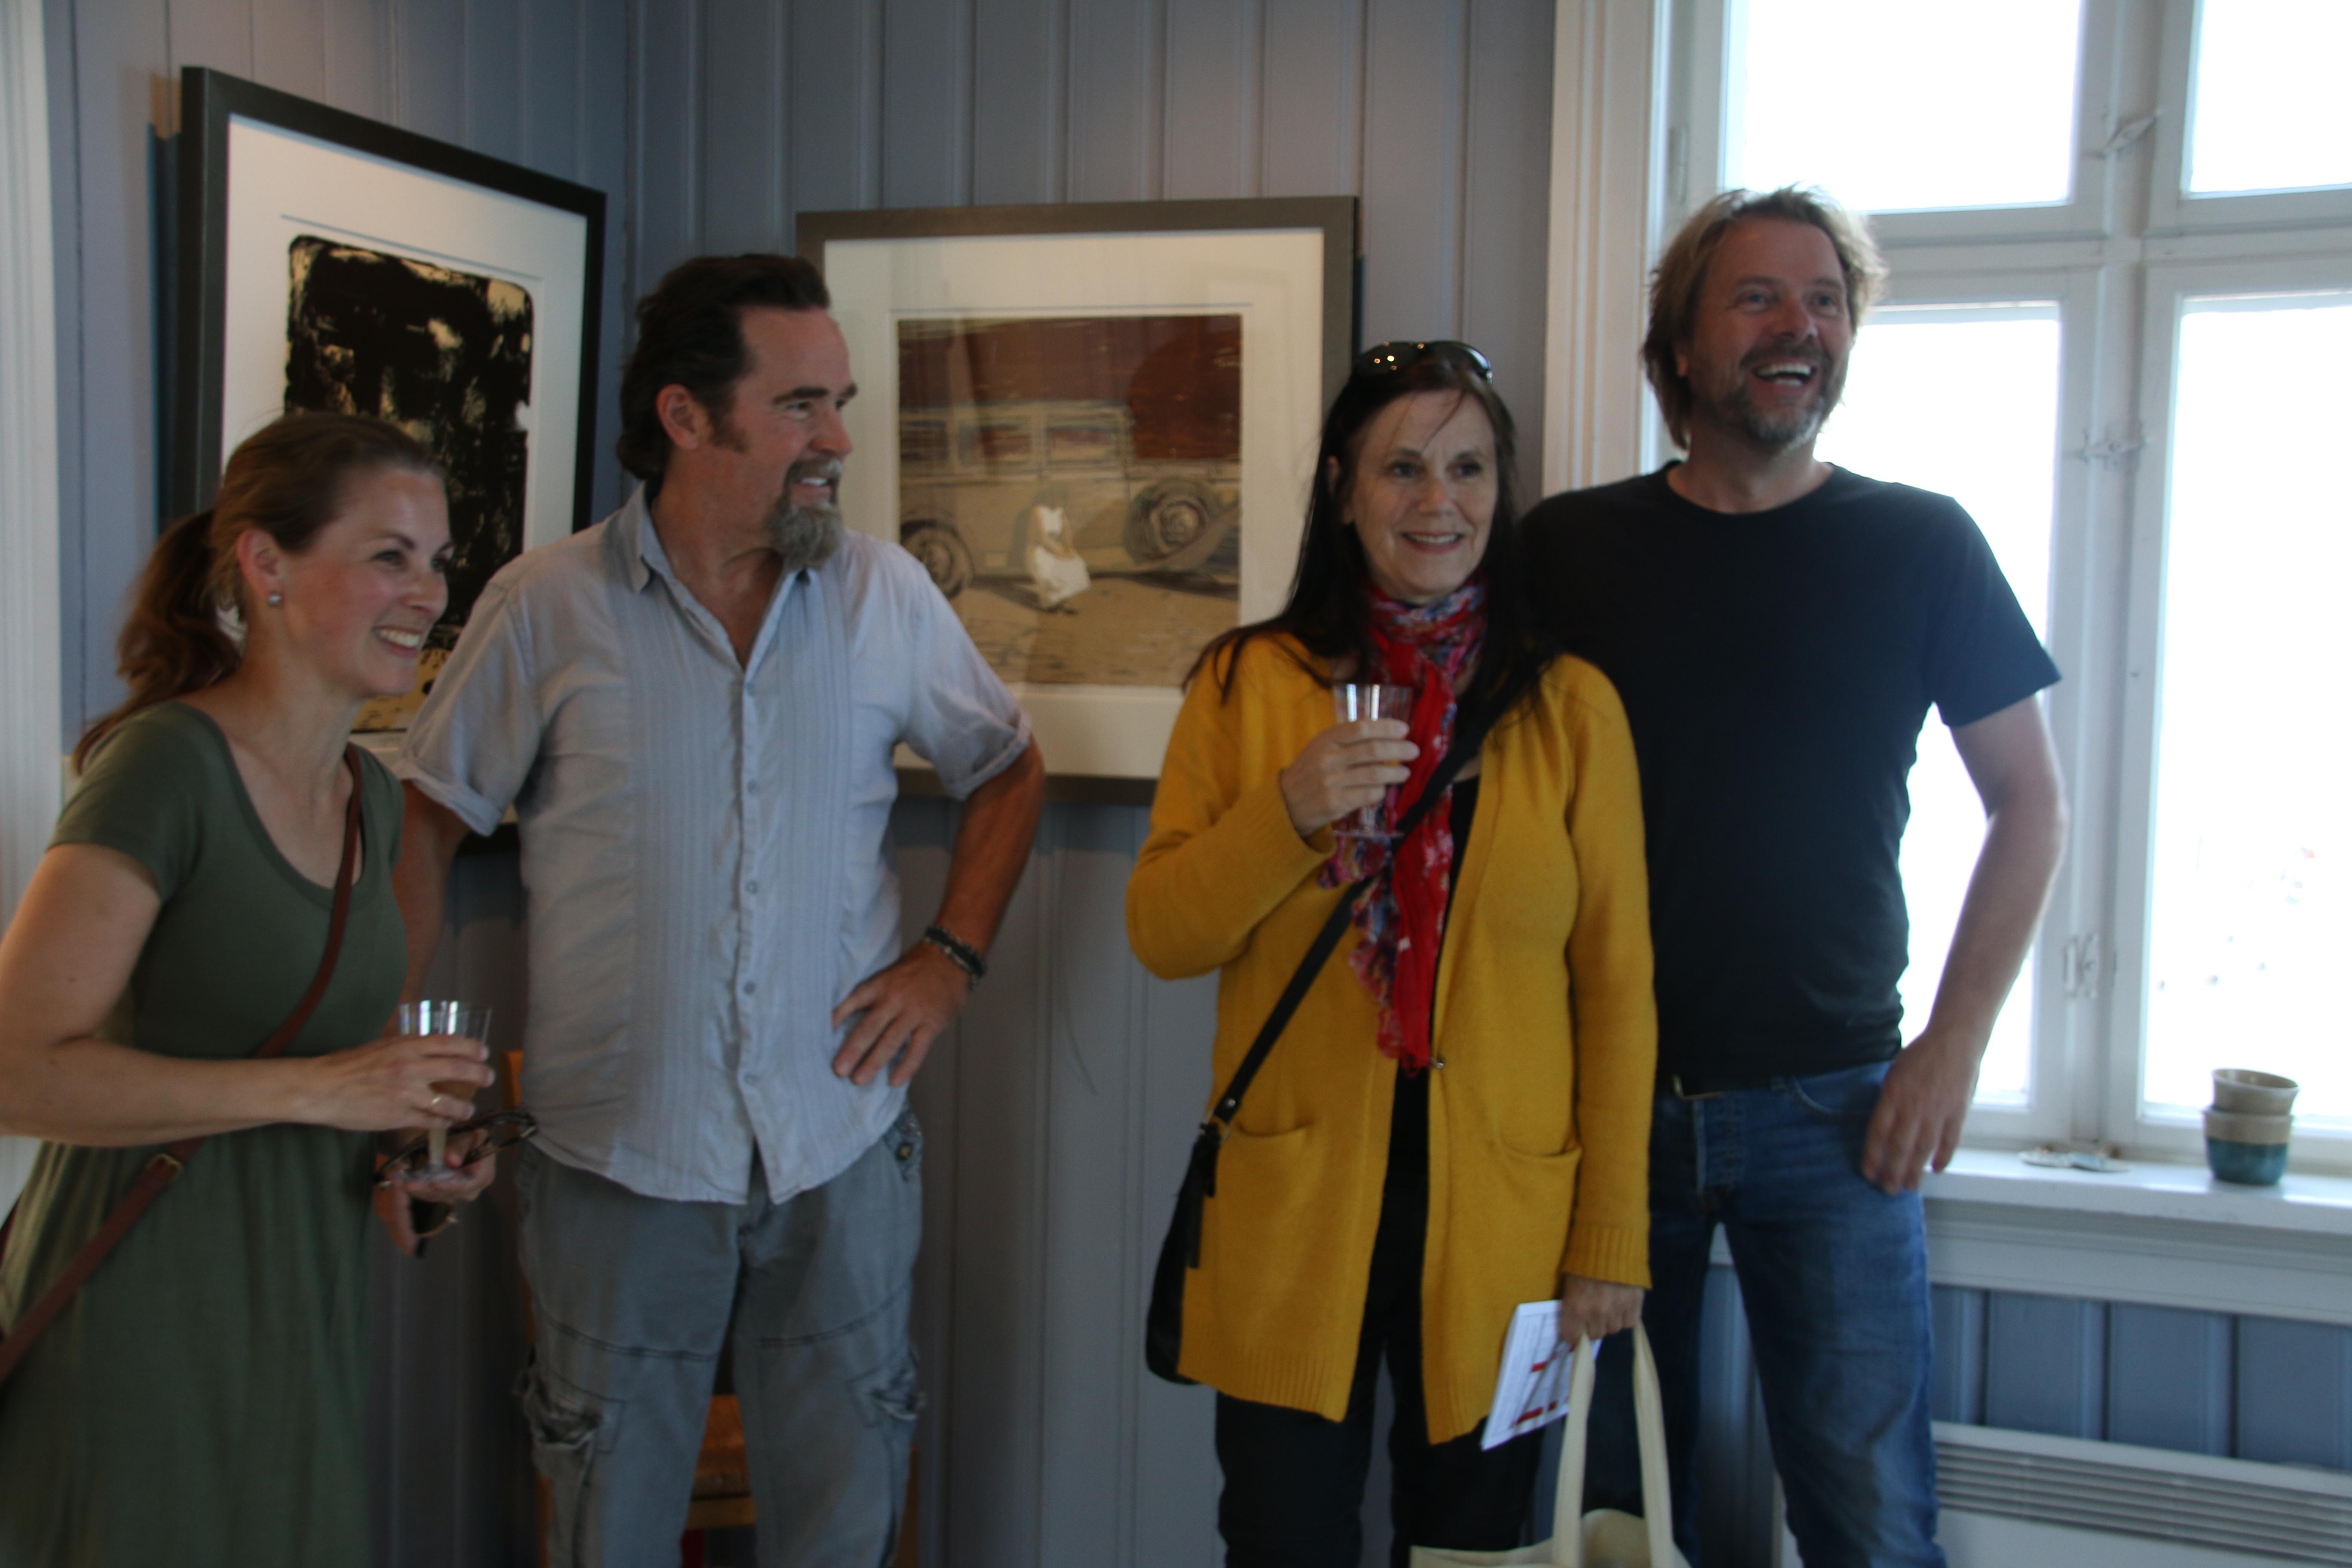 Fra venstre:  Nina V. Grønland, Lars Hopland, Anne Gundersen og Tom Erik Andersen.  Ikke tilstede:  Tor-Arne Moen.